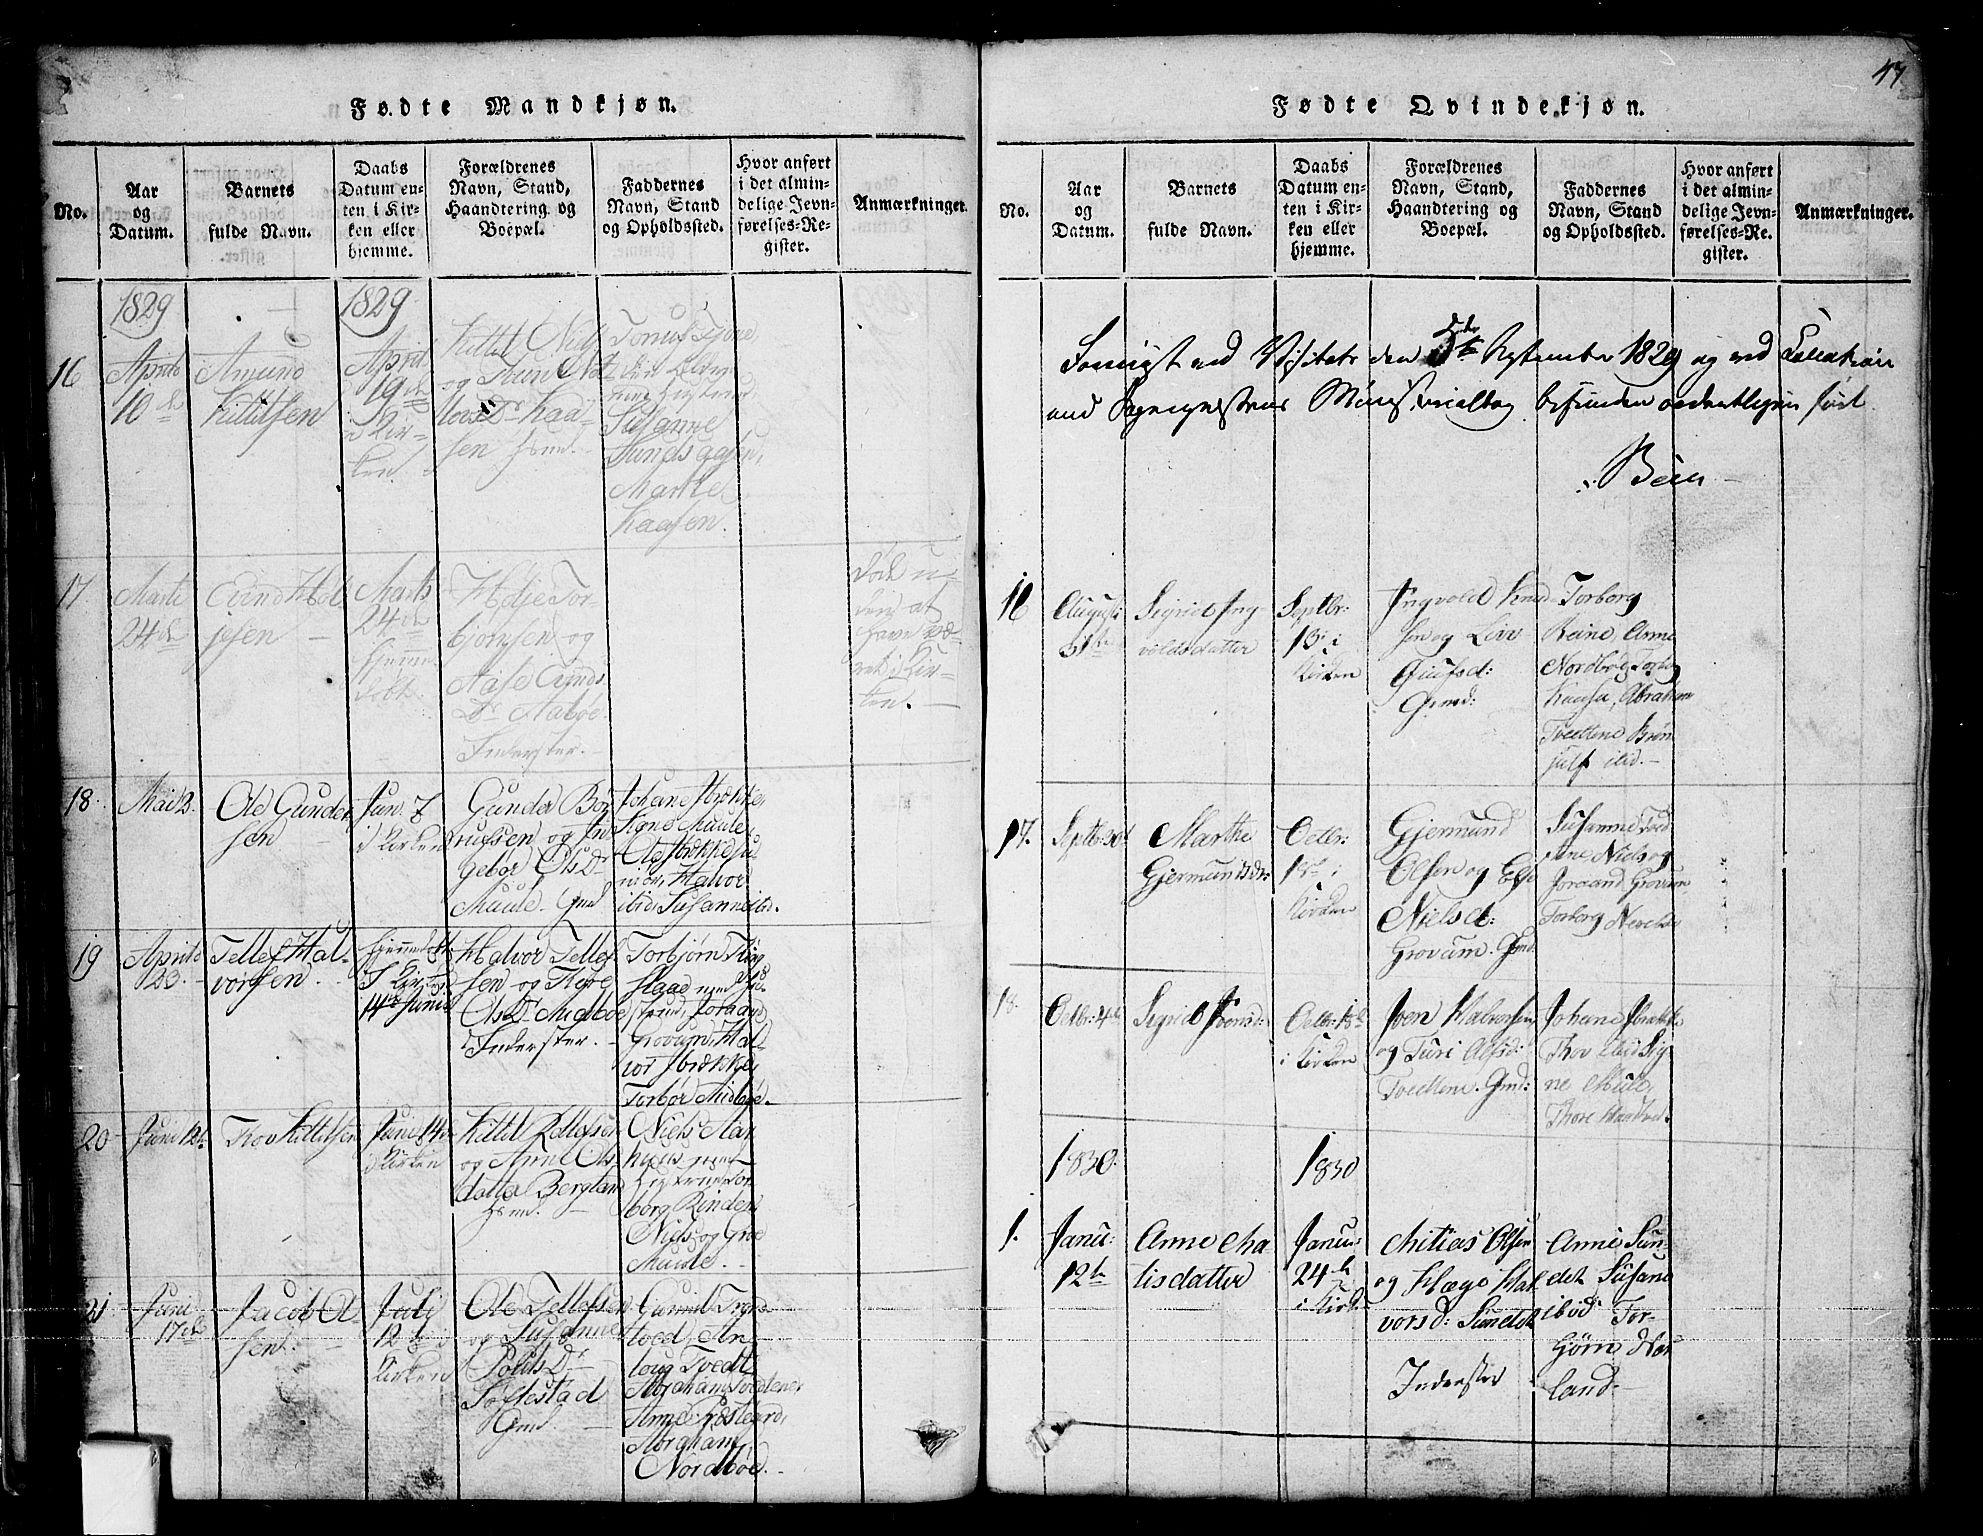 SAKO, Nissedal kirkebøker, G/Ga/L0001: Klokkerbok nr. I 1, 1814-1860, s. 47